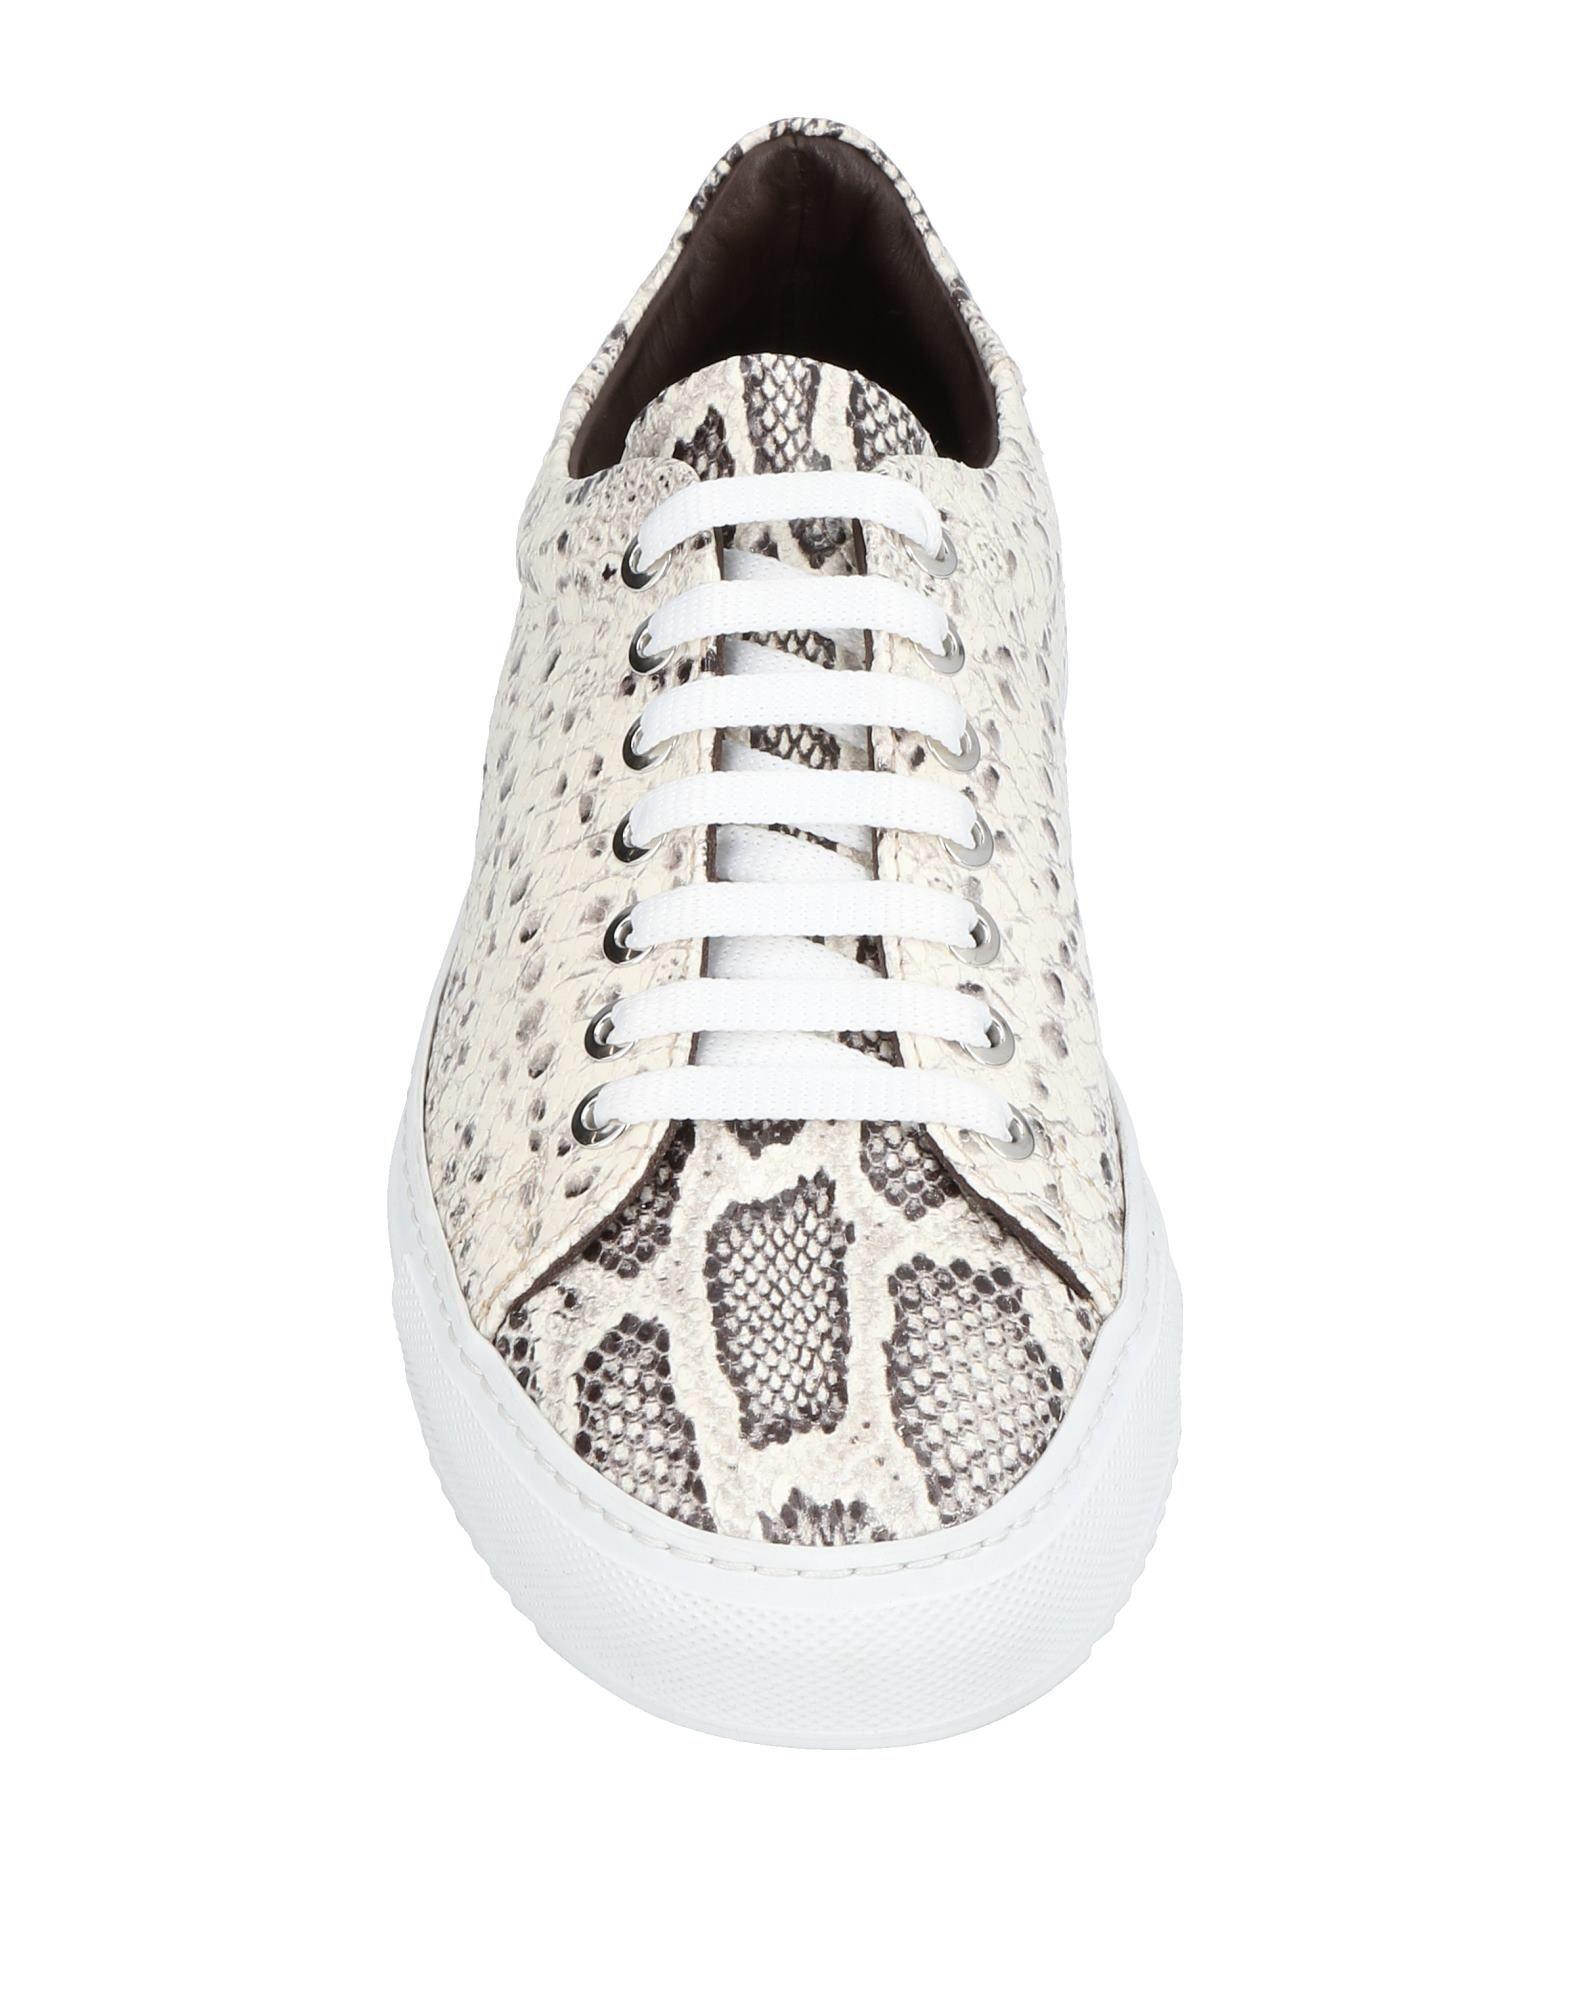 Gianfranco Lattanzi Sneakers Damen strapazierfähige  11455245WWGut aussehende strapazierfähige Damen Schuhe 0c3468